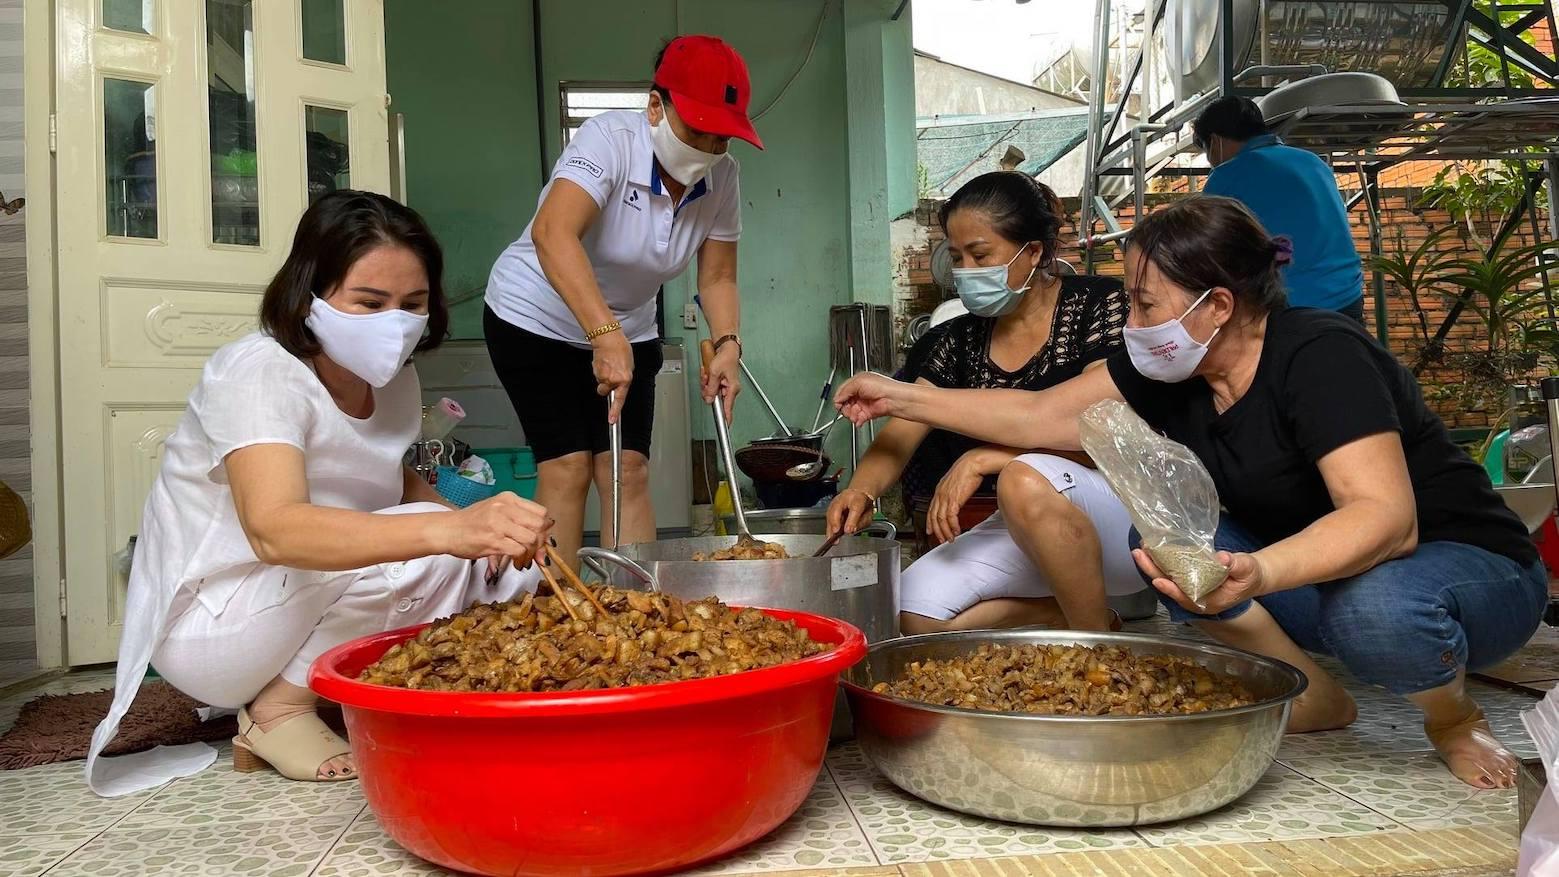 Bà Nguyễn Thị Bông - Chủ nhiệm CLB Sen Hồng (bìa trái) cùng bàTrần Thị Bông - thành viên CLB - Chủ Bếp cơm Nhà Bông, TX Phước Long (thứ 2, trái sang) đang làm món thịt kho để gửi tặng người dân về quê tránh dịch